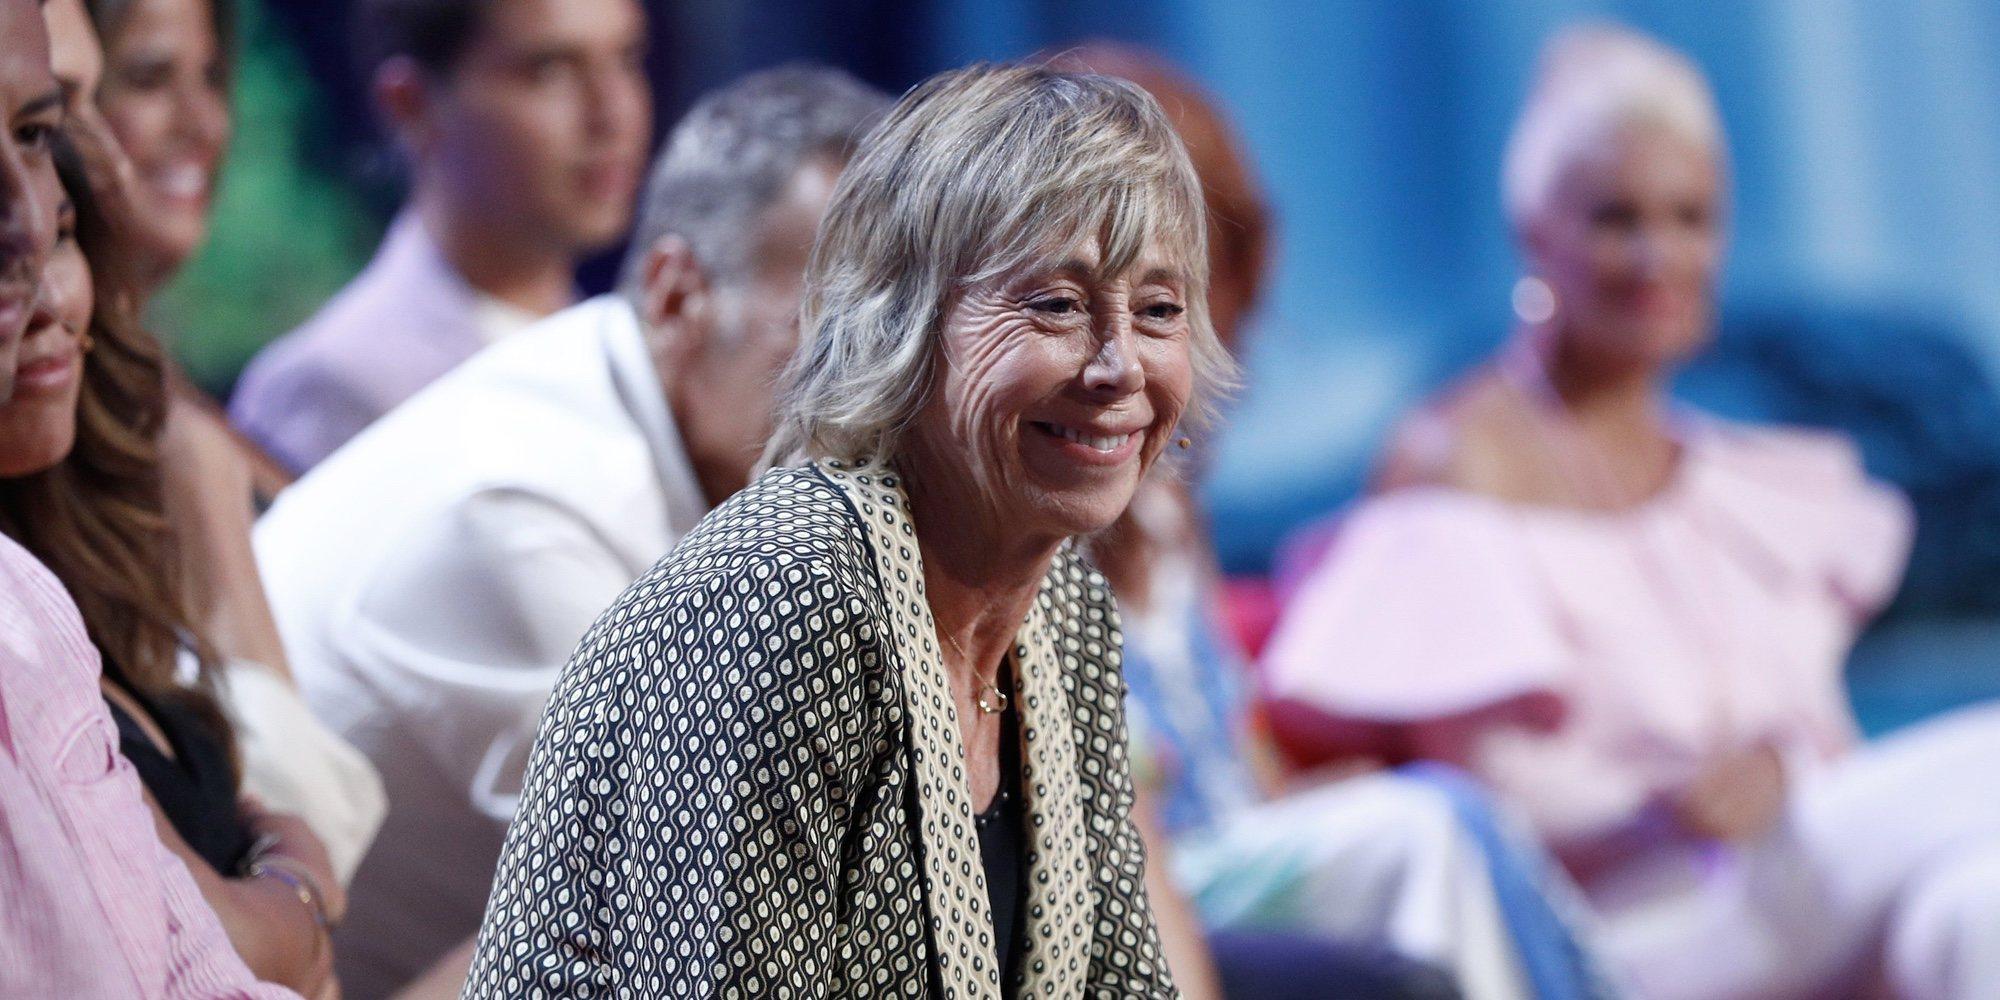 La petición de Marta Roca a 'Sálvame' para la vuelta de Chelo García Cortés a España